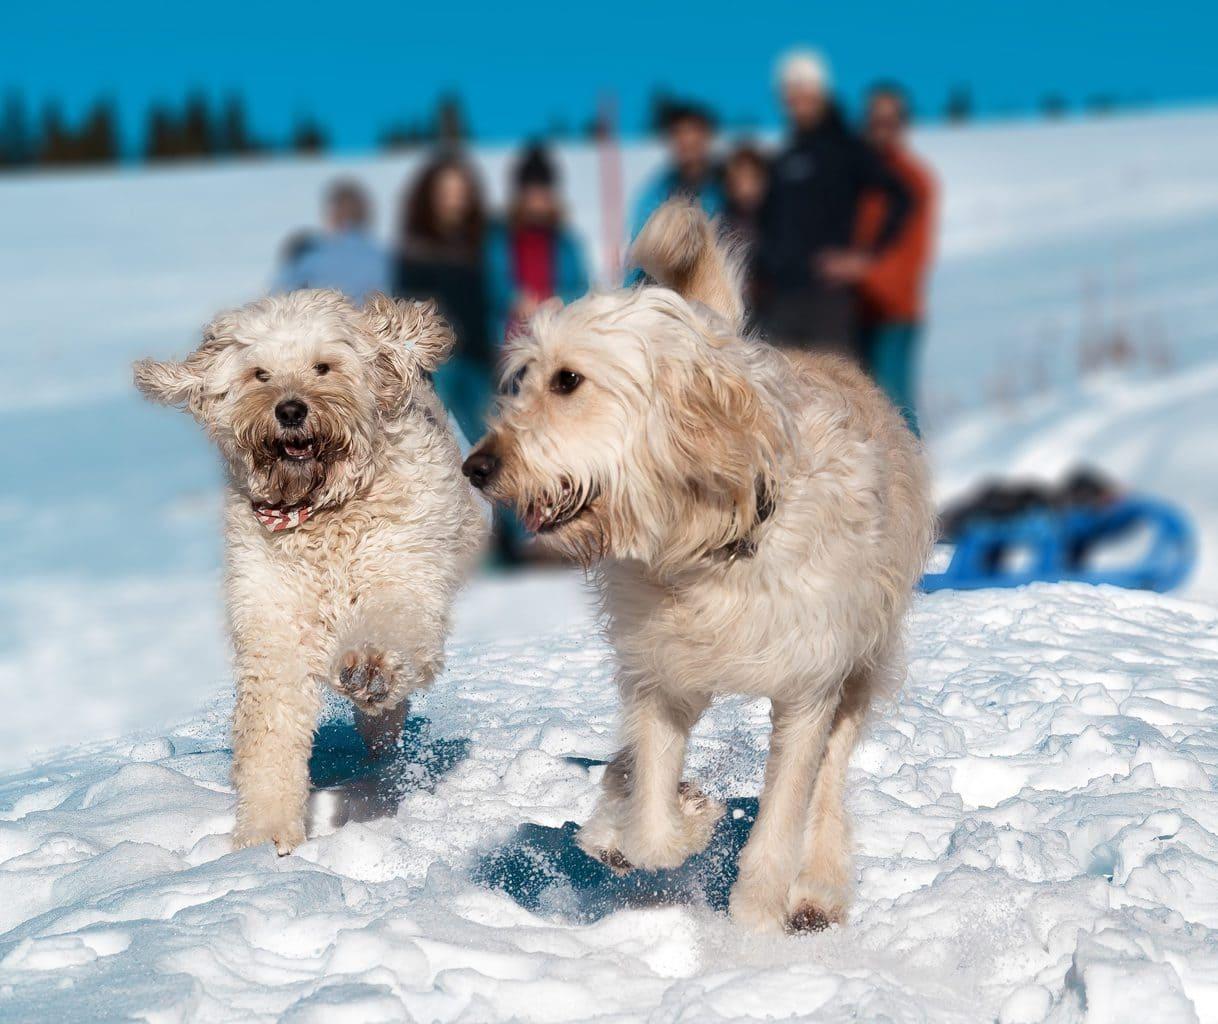 Honden spelen in de sneeuw in Duitsland